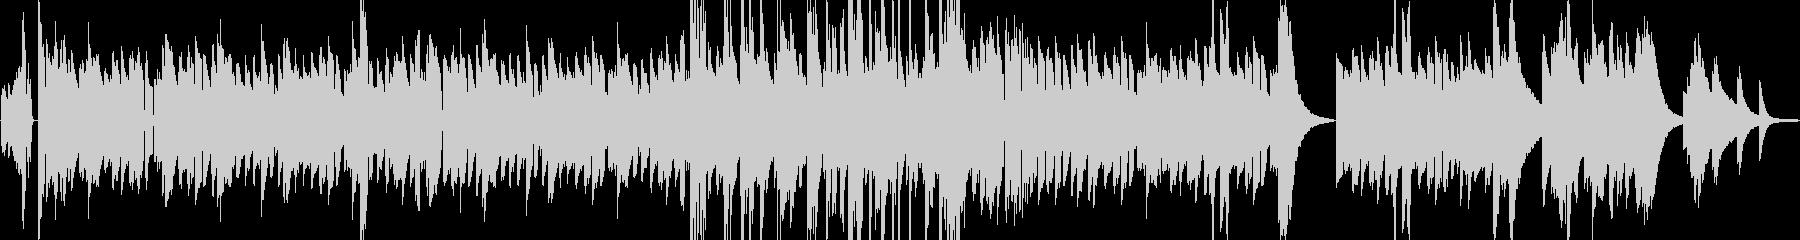 オシャレなブルース ビンテージピアノ曲の未再生の波形